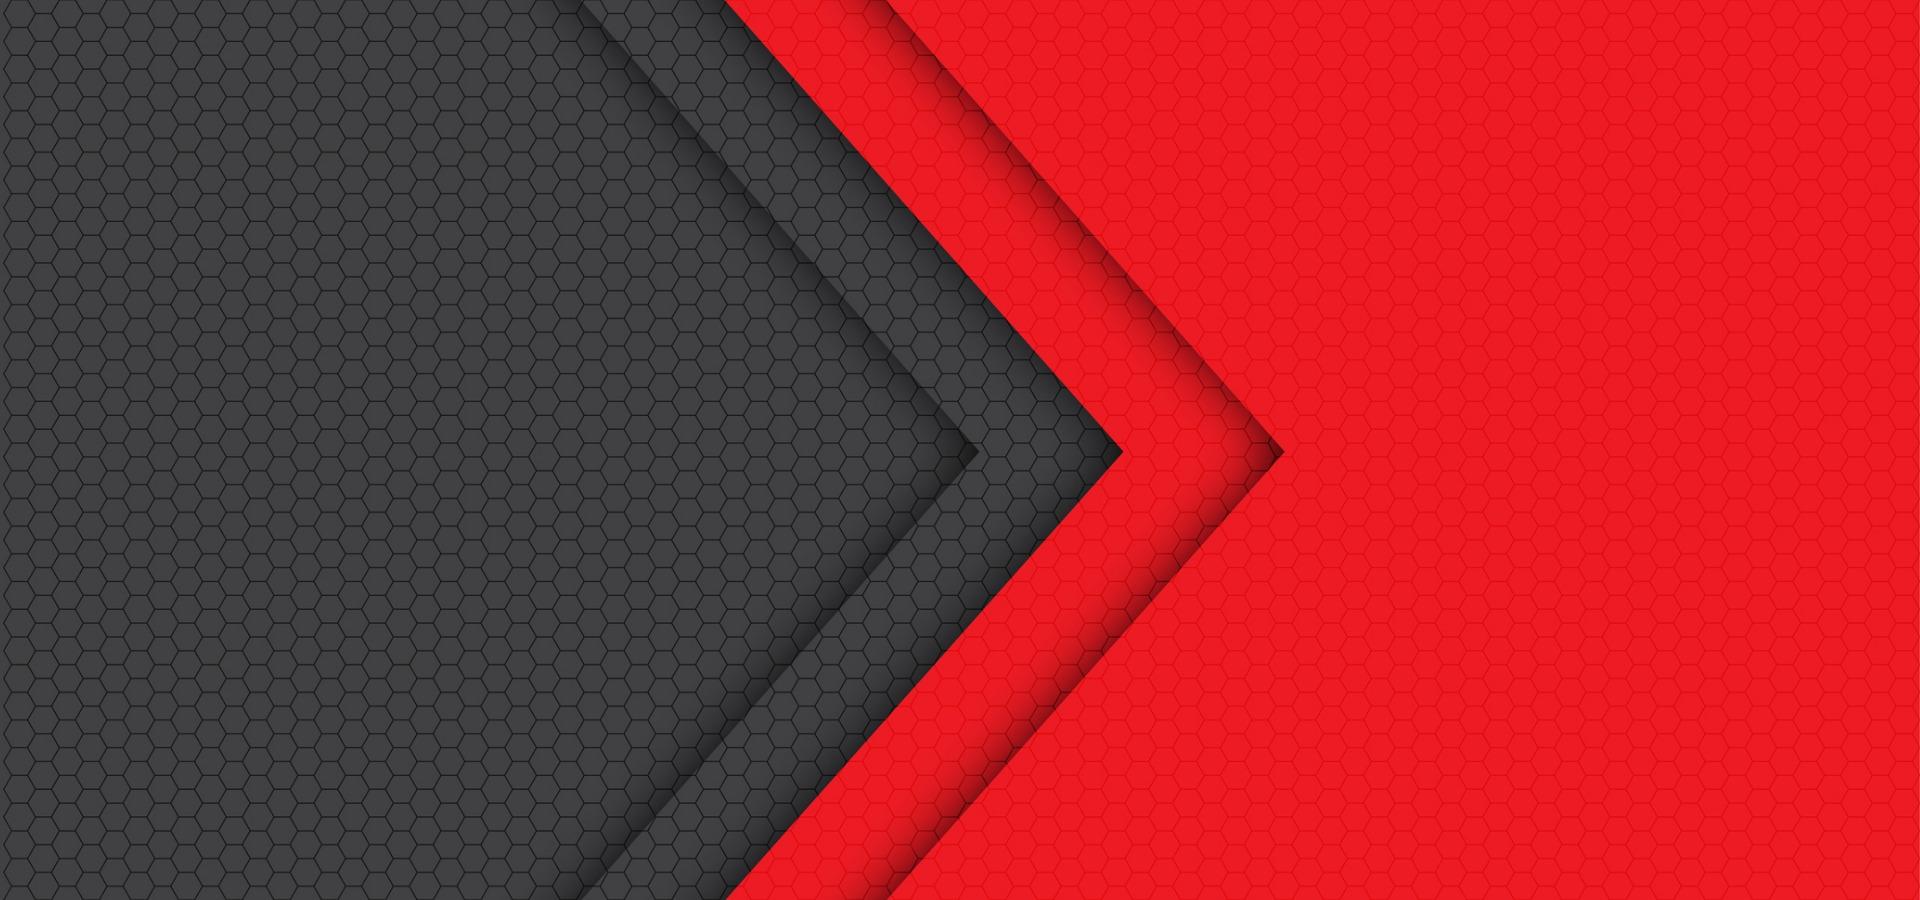 CrossCheck CTA Banner 1920 x 900